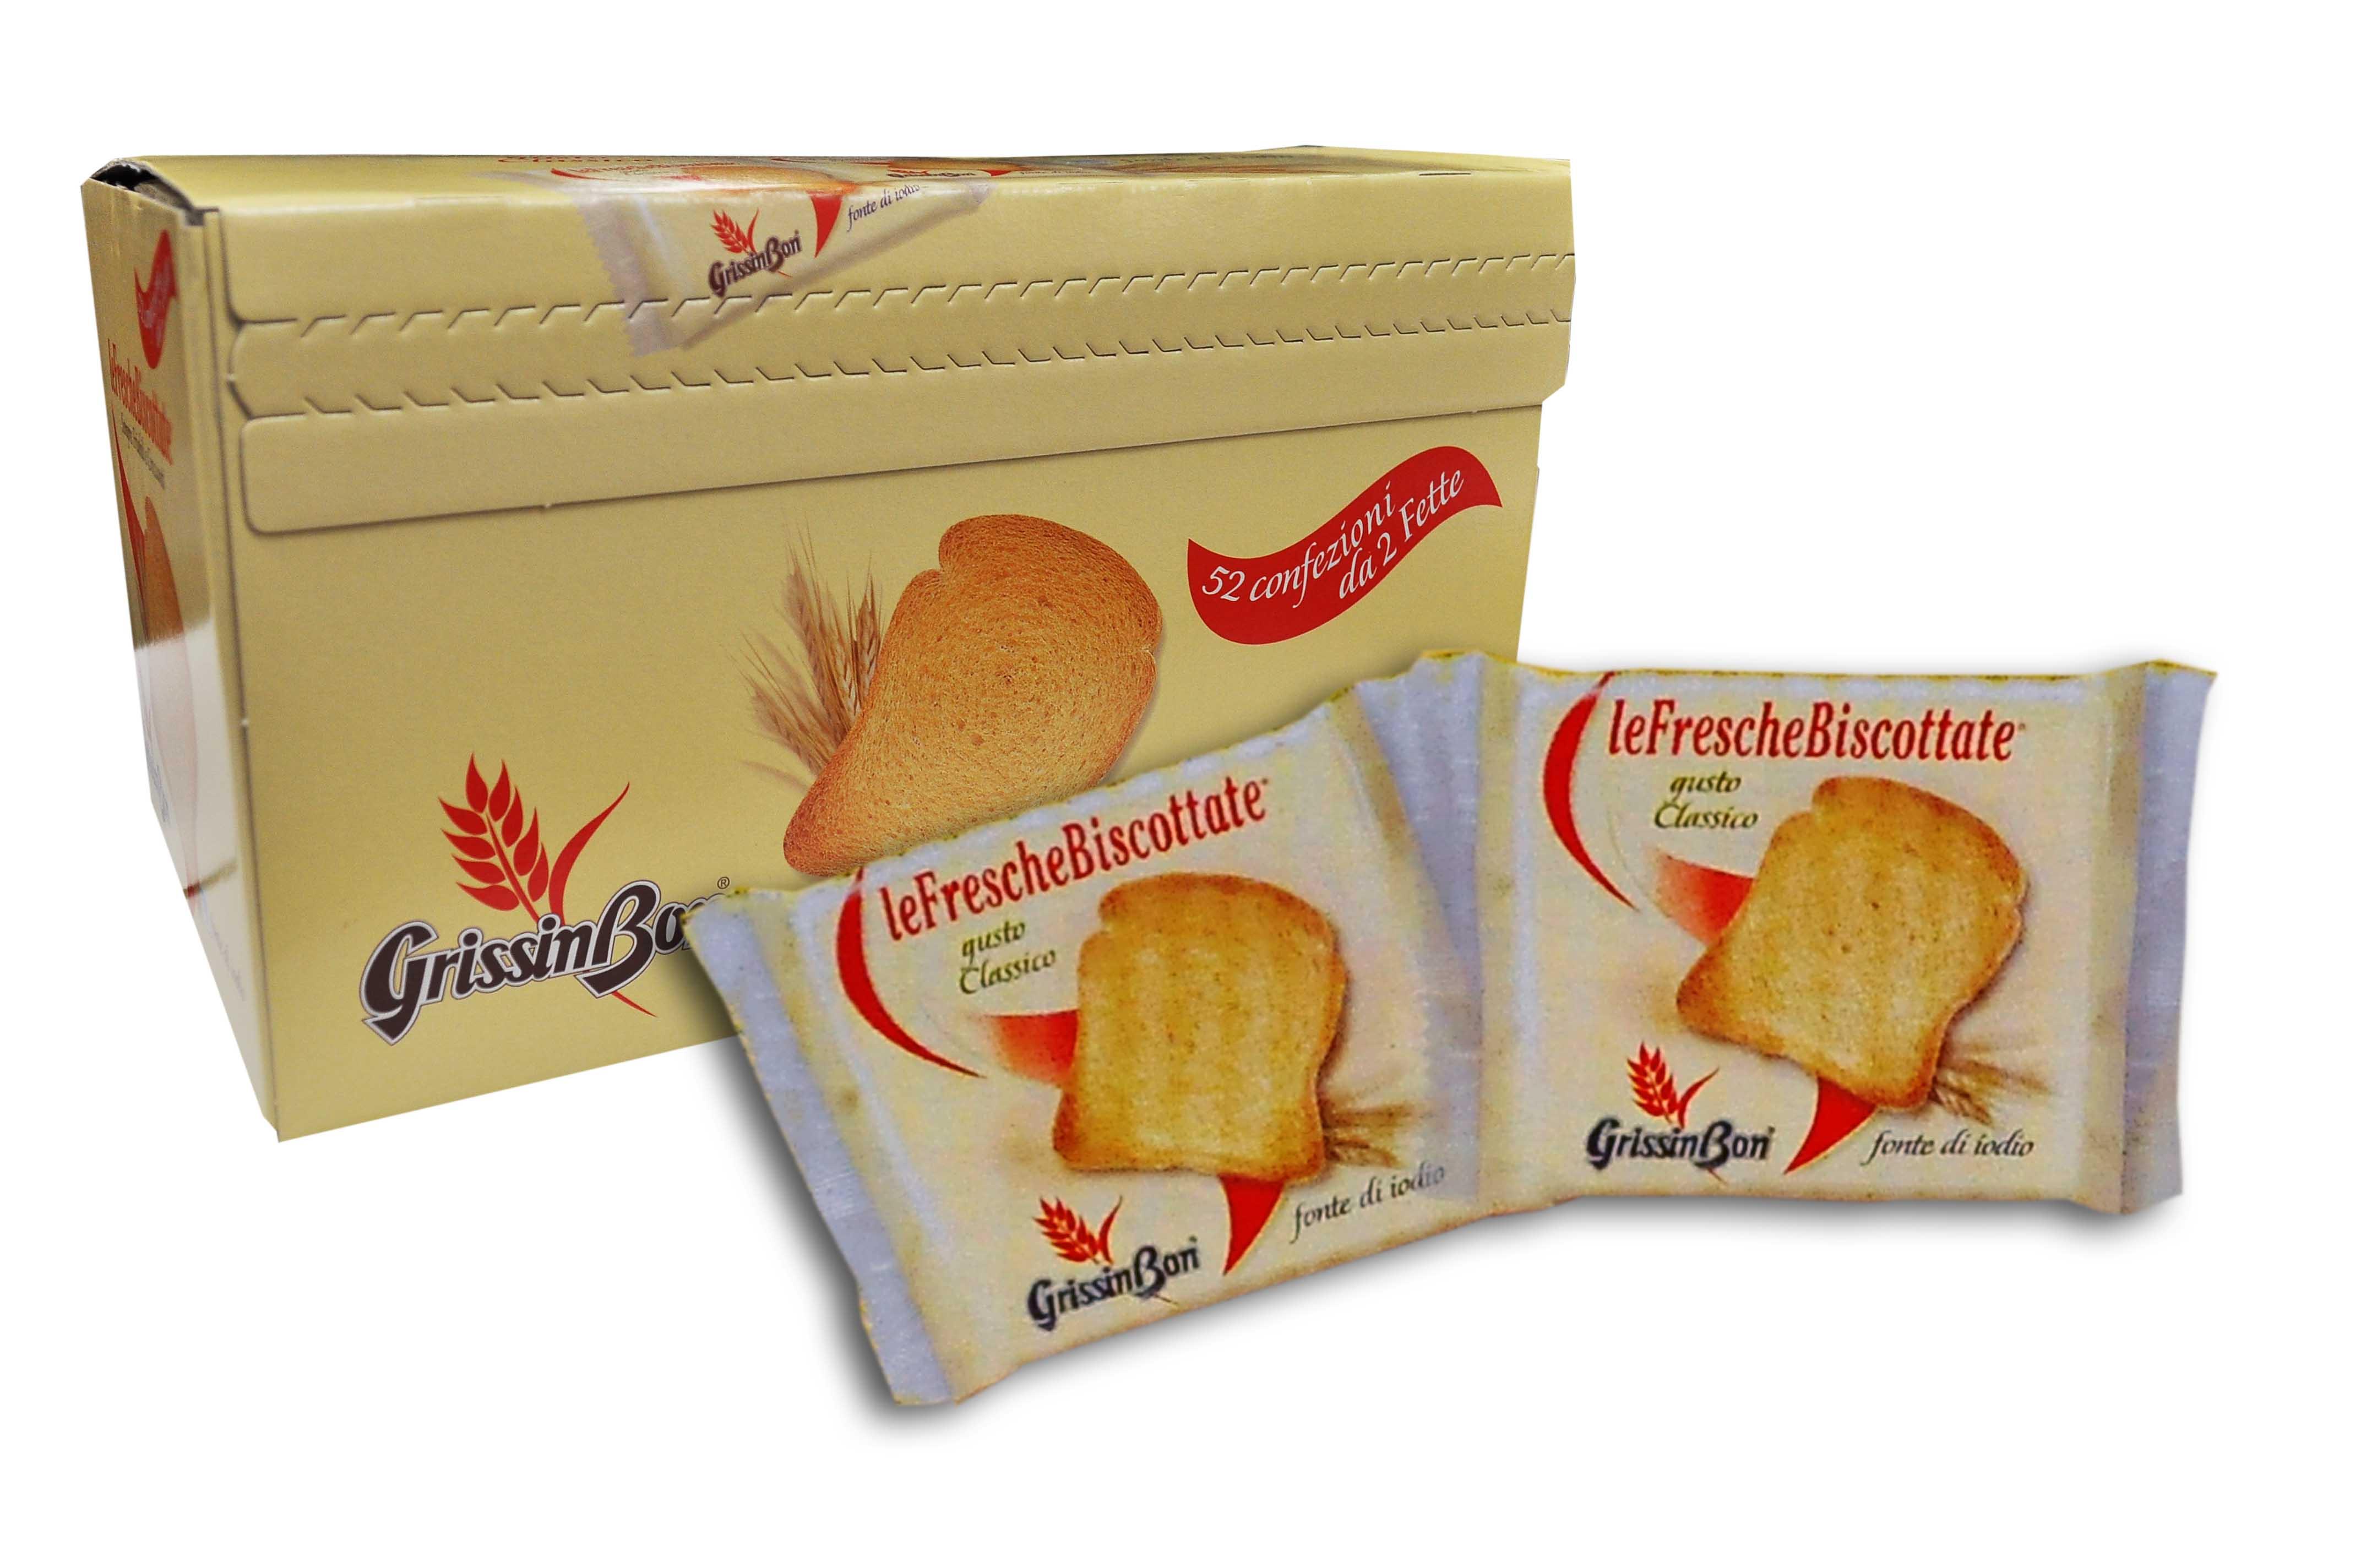 817015_fette biscottate_ gr15_grissin bon